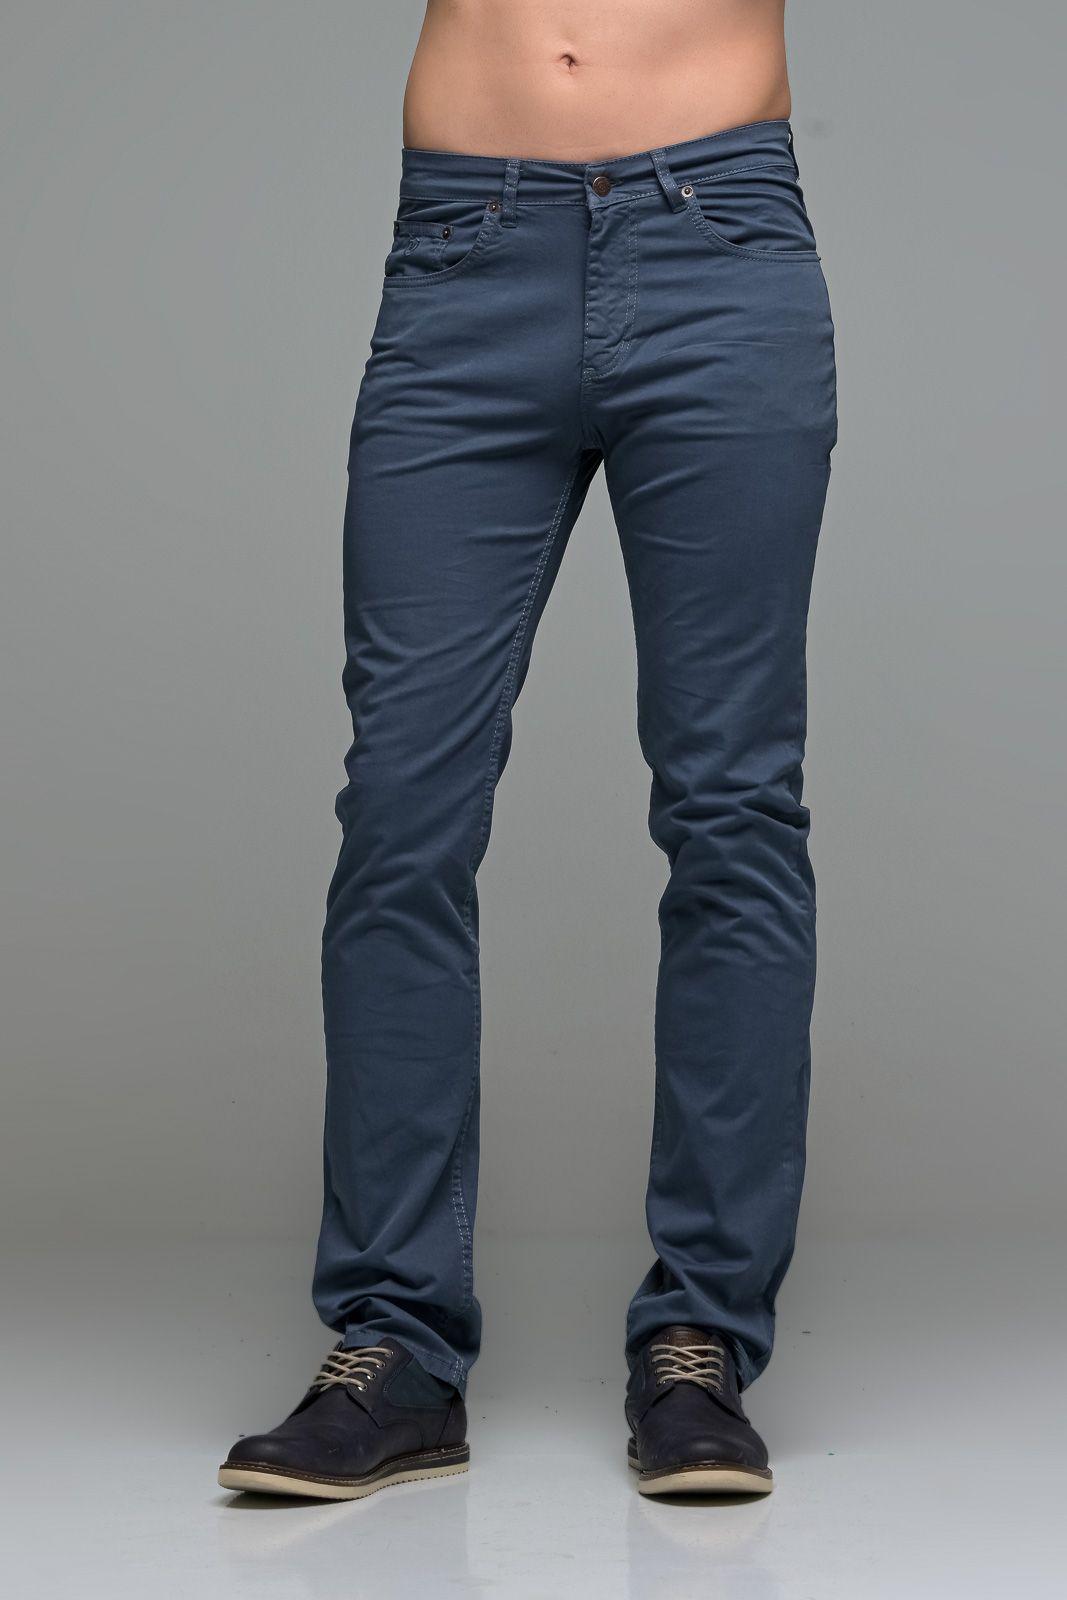 Καλοκαιρινό Ανδρικό Παντελόνι Πεντάτσεπο MASSARO Γκρι Μπλε - Straight fit